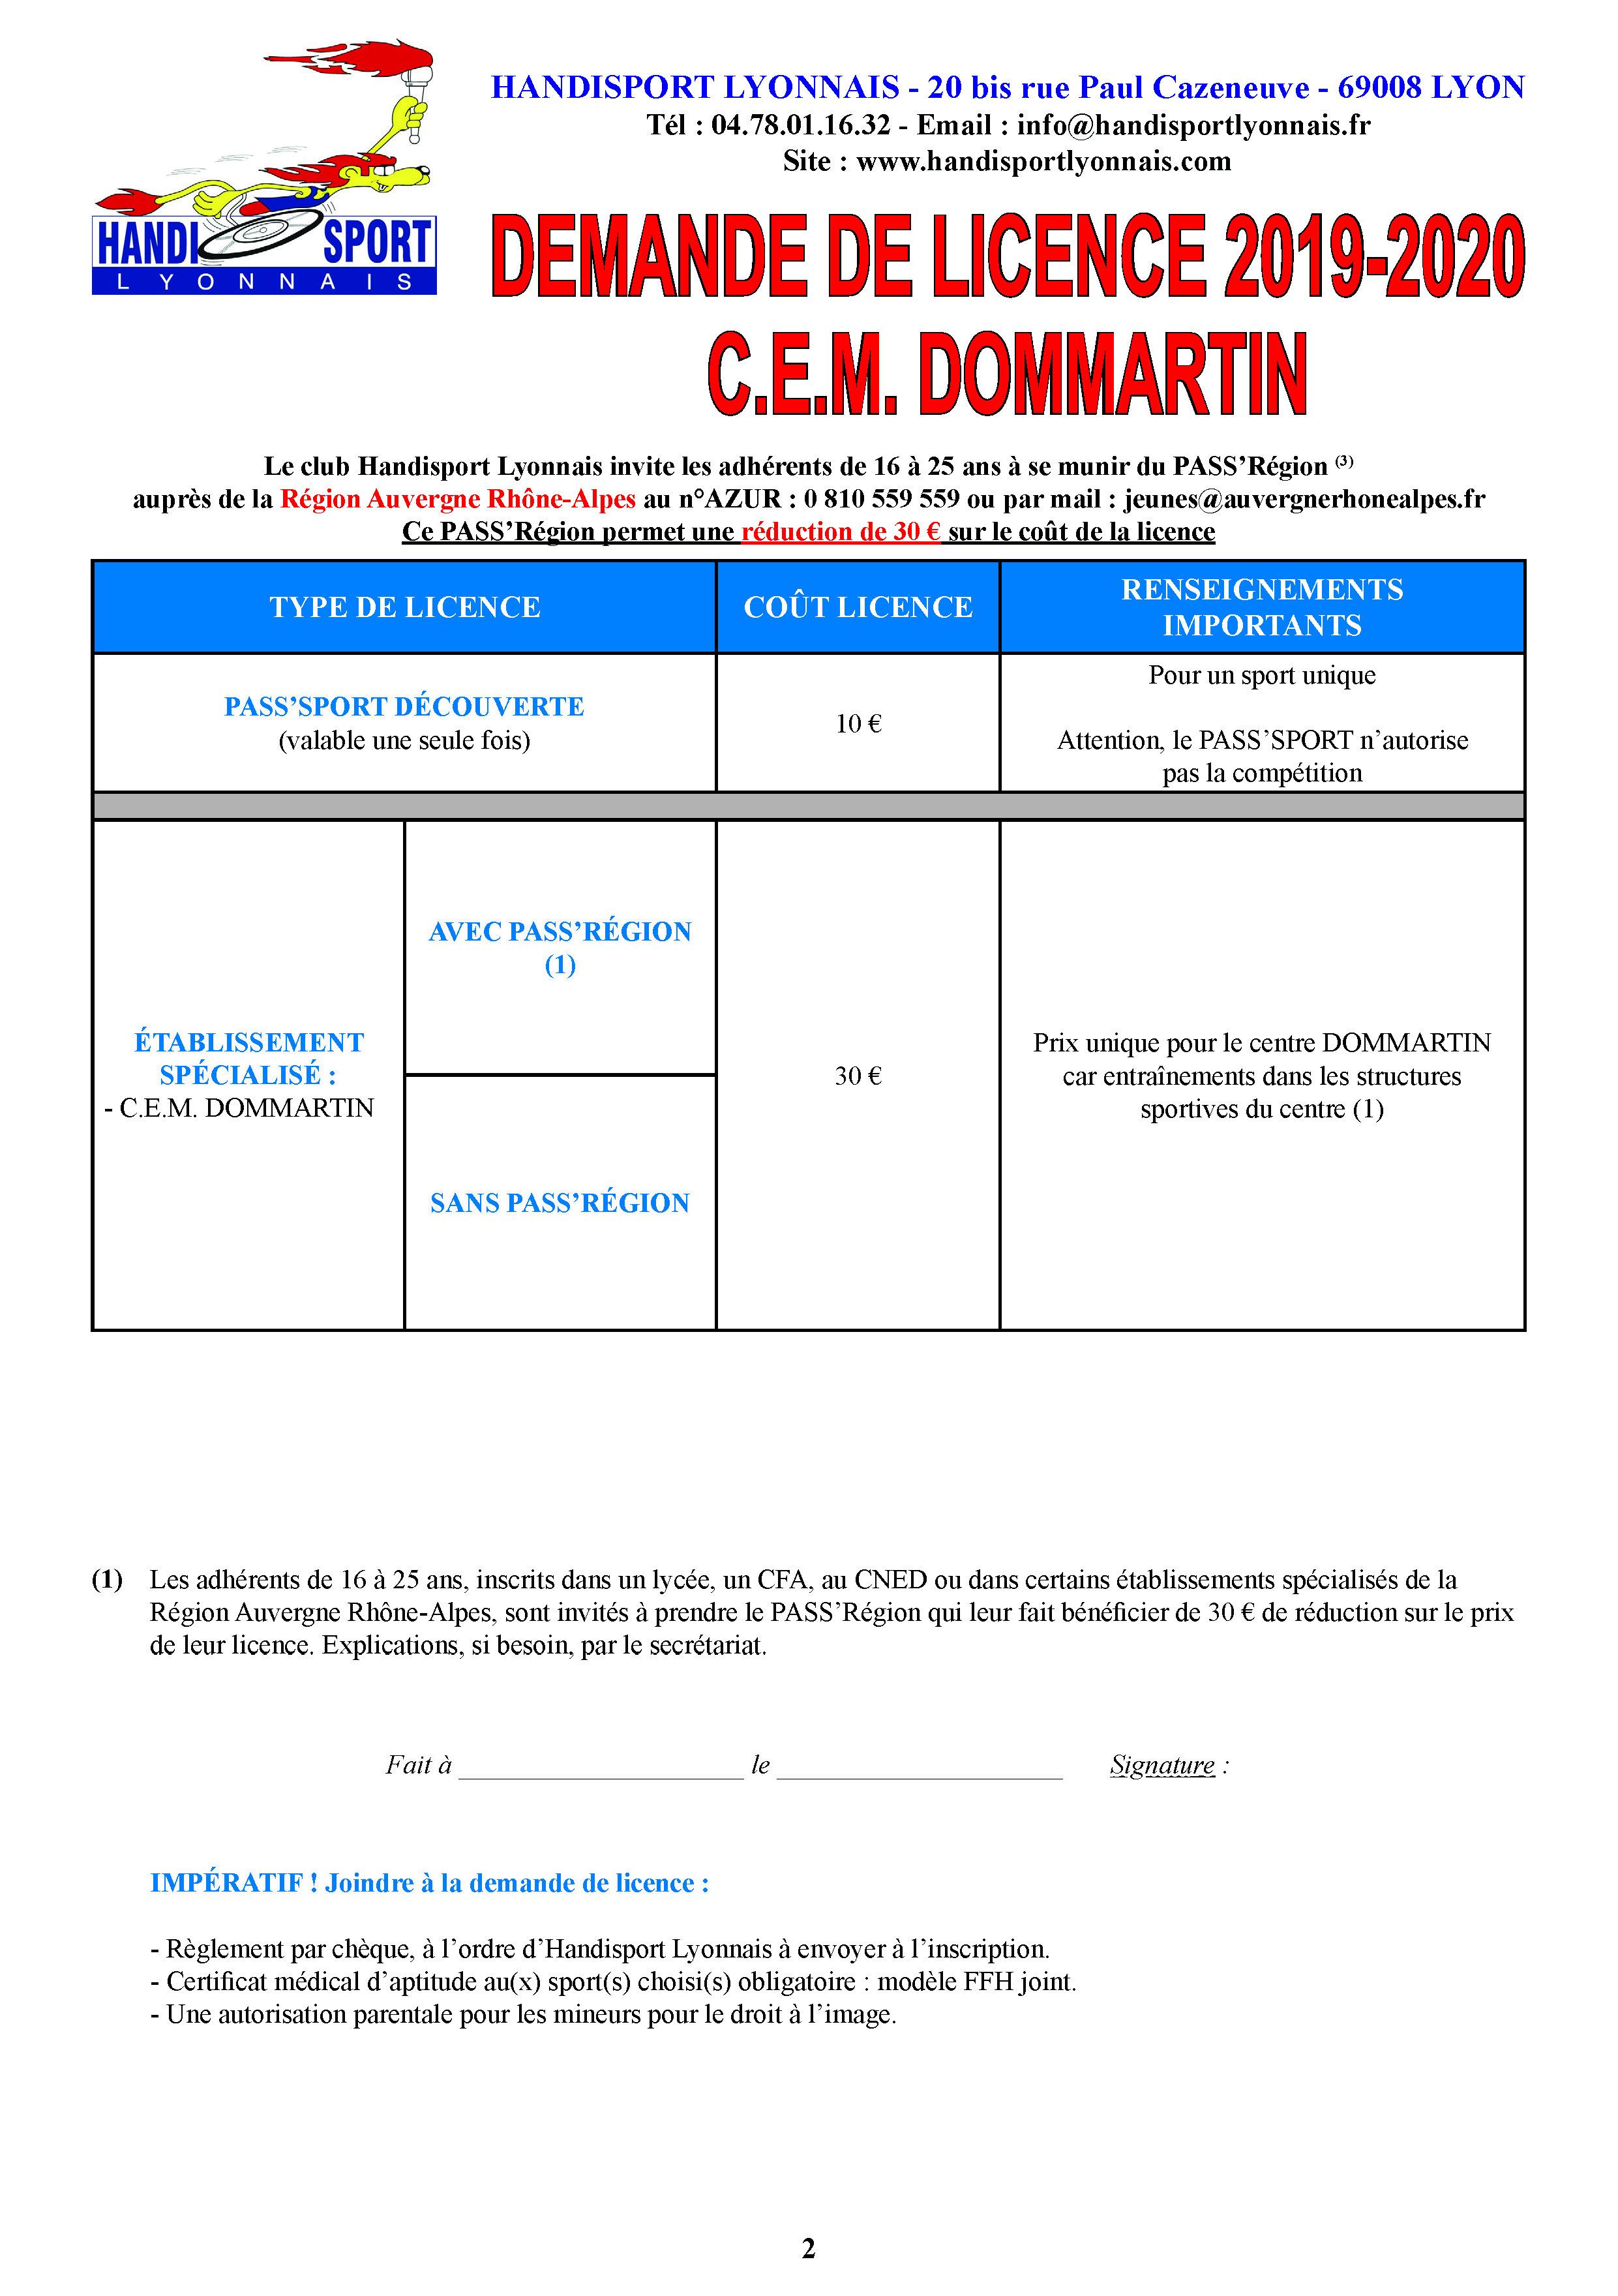 Dossier-inscription-Handisport-Lyonnais 2019-2020 pour le C.E.M. DOMMARTIN